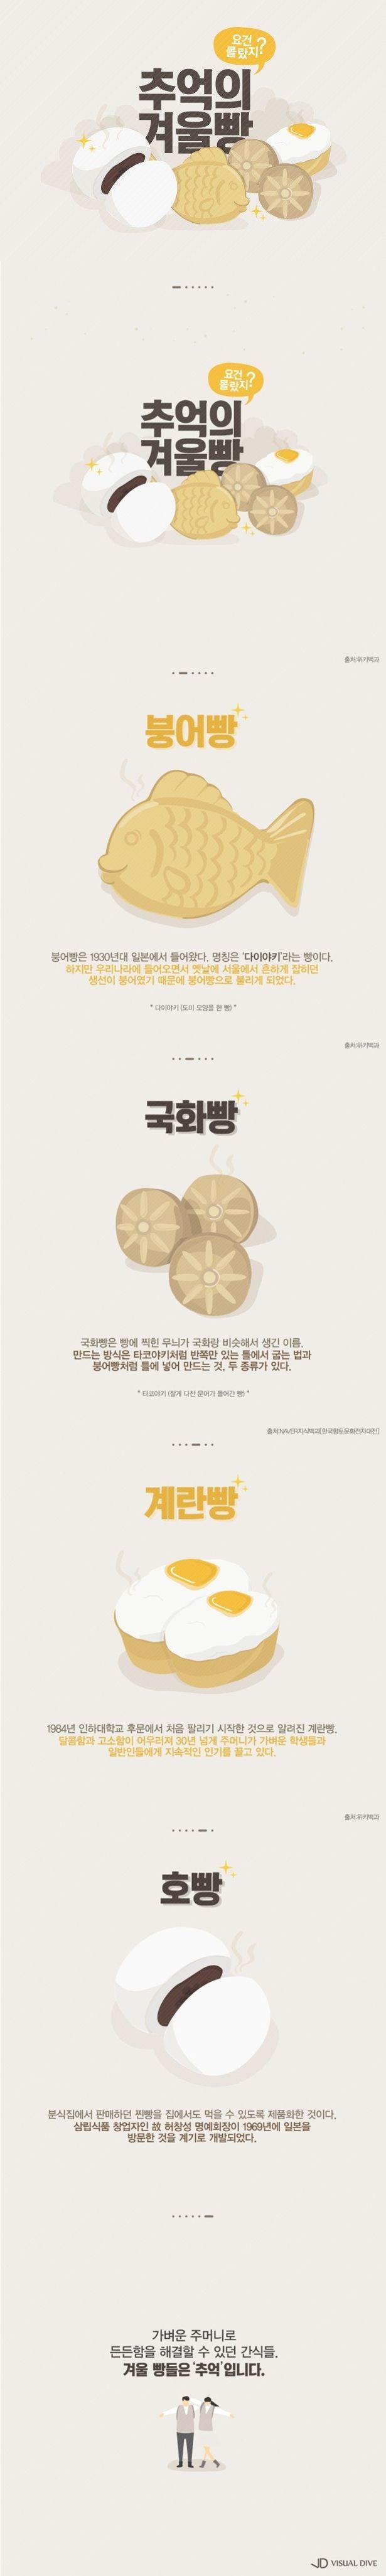 붕어빵, 국화빵… 응답하라, 추억의 겨울간식! [카드뉴스] #winter_snacks / #Infographic ⓒ 비주얼다이브 무단 복사·전재·재배포 금지